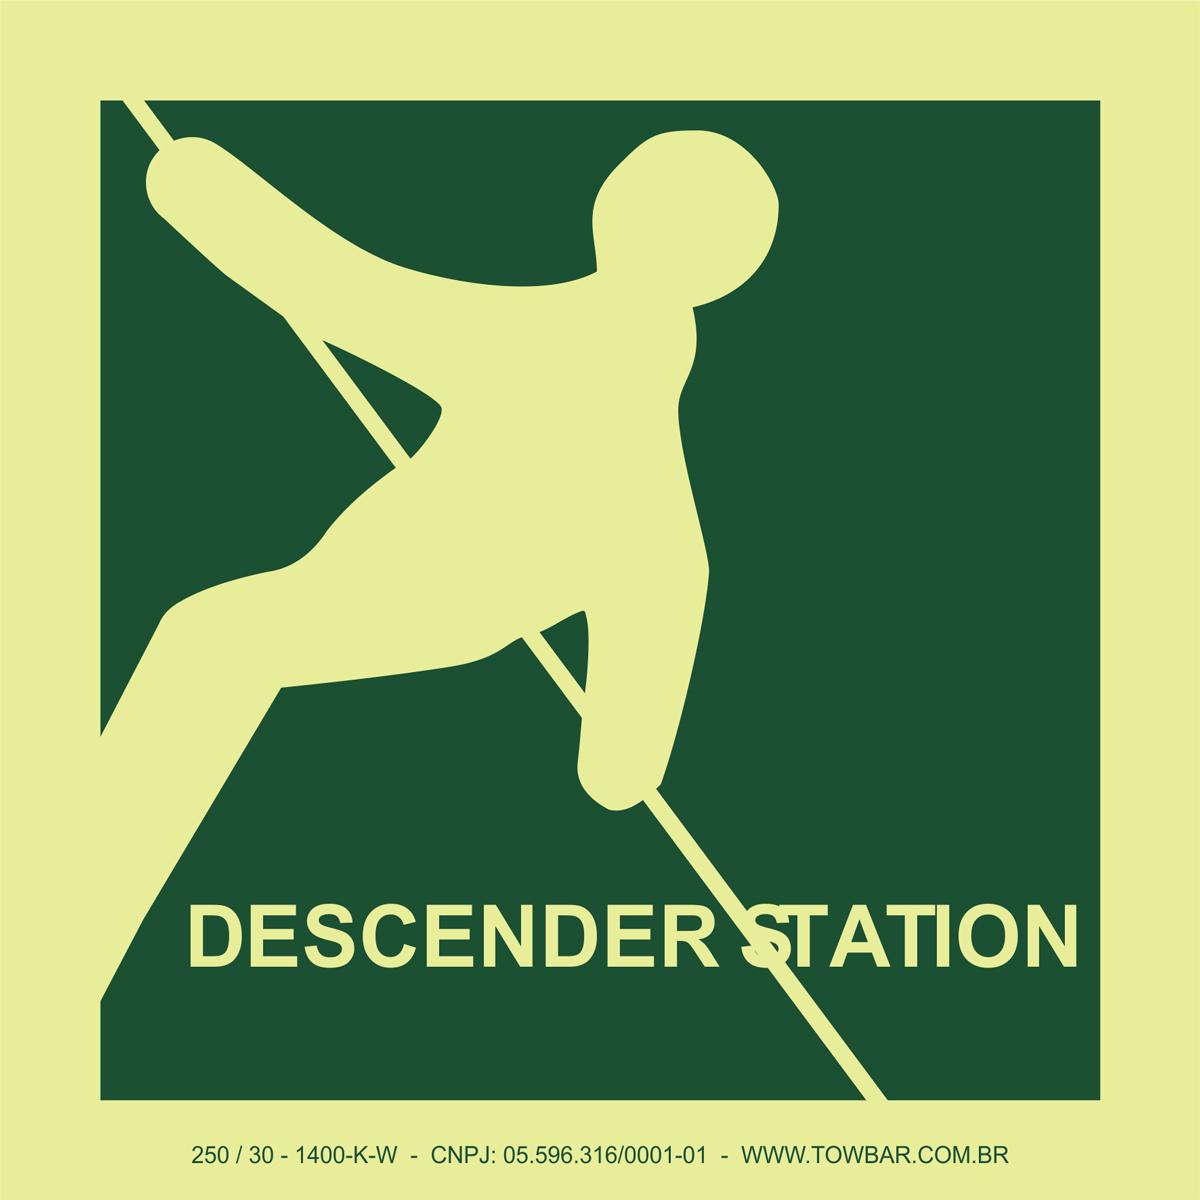 Descender Station  - Towbar Sinalização de Segurança